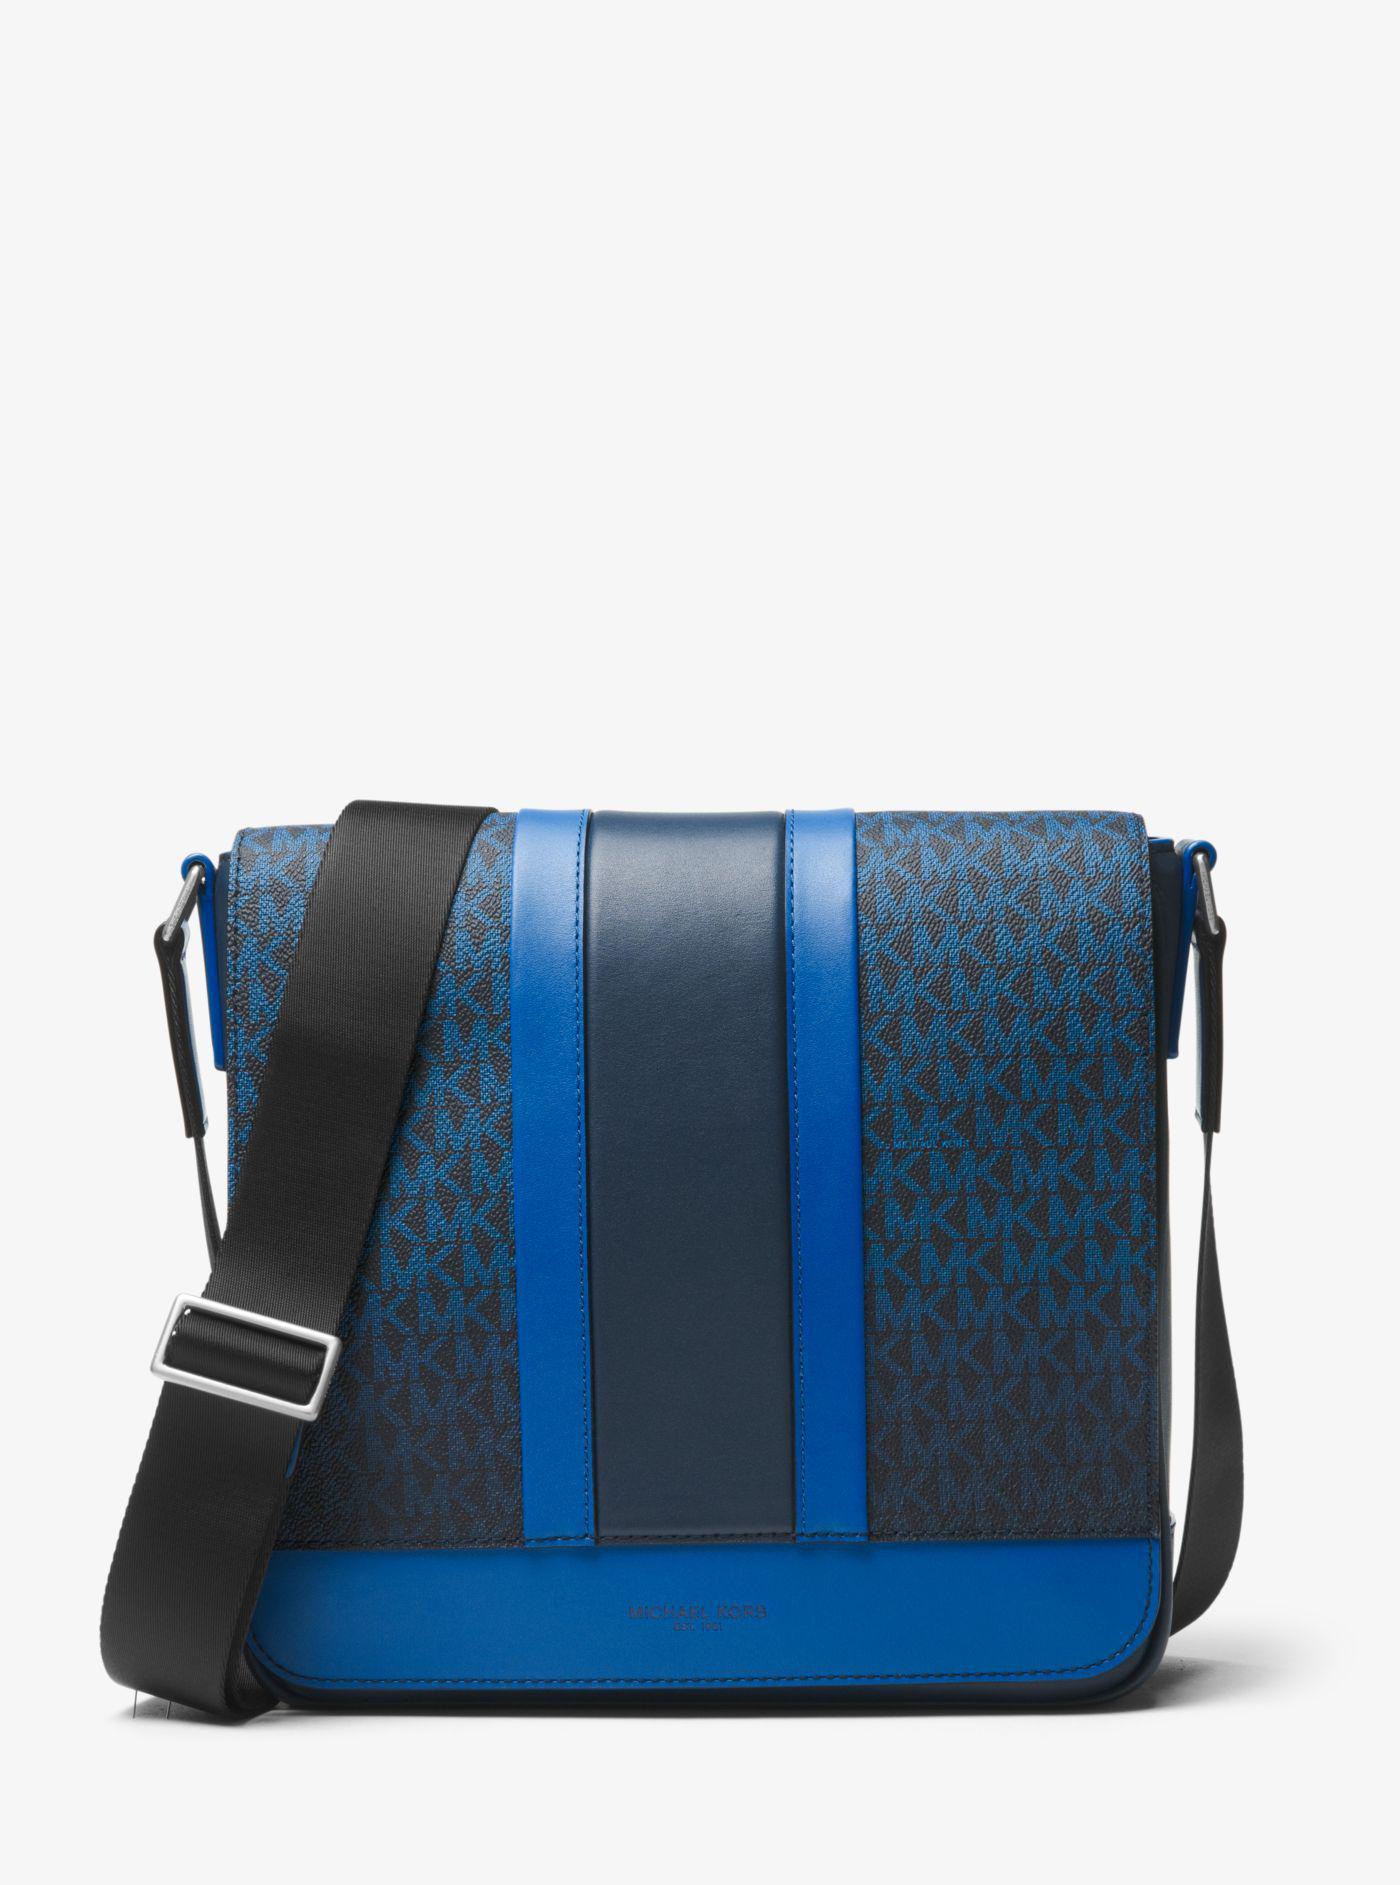 Lyst - Michael Kors Odin Medium Logo Stripe Messenger in Blue for Men 8a399e820065d